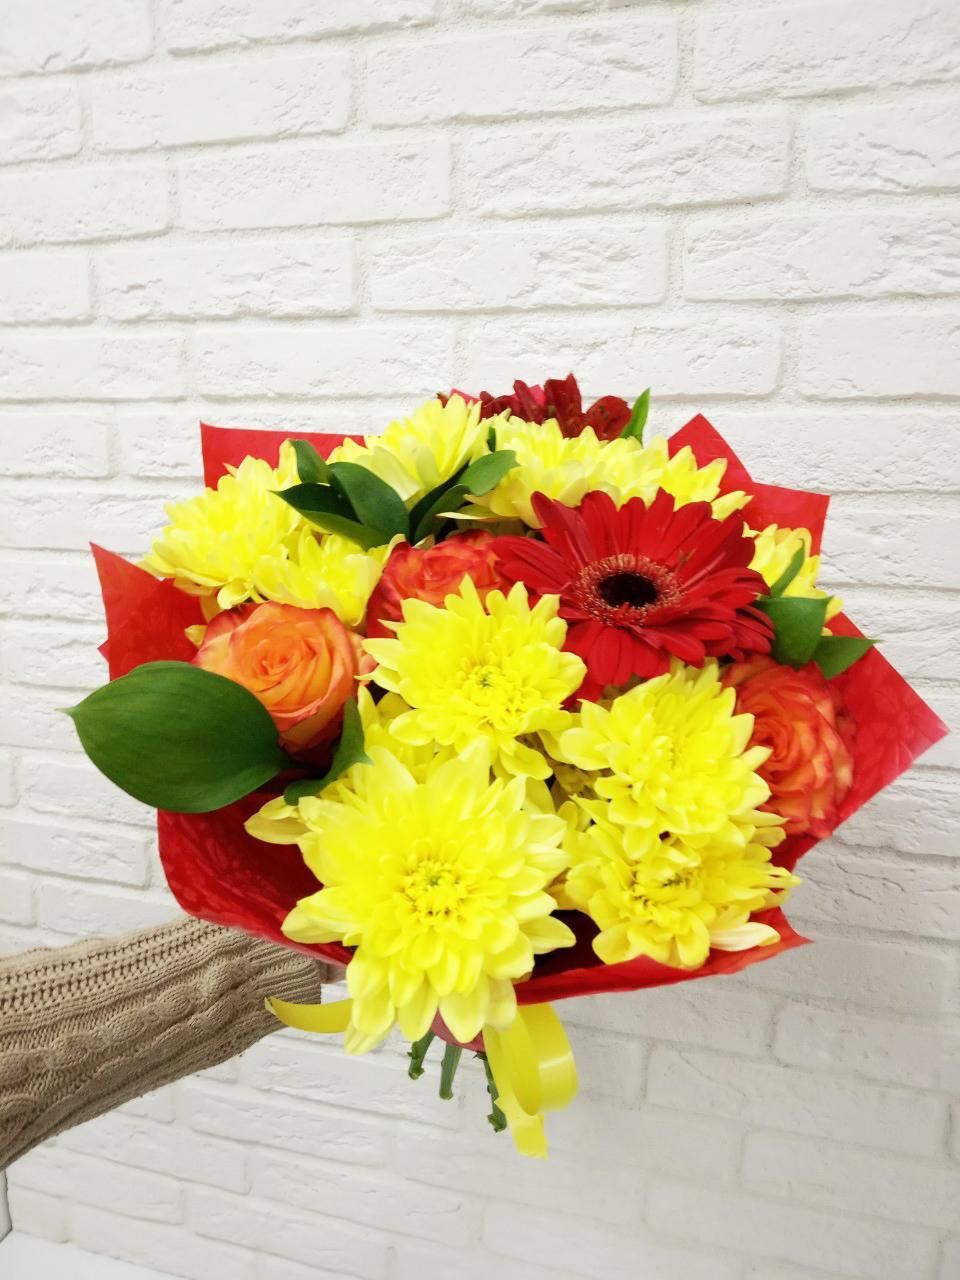 Заказ и доставка цветов он г вологда, доставкой